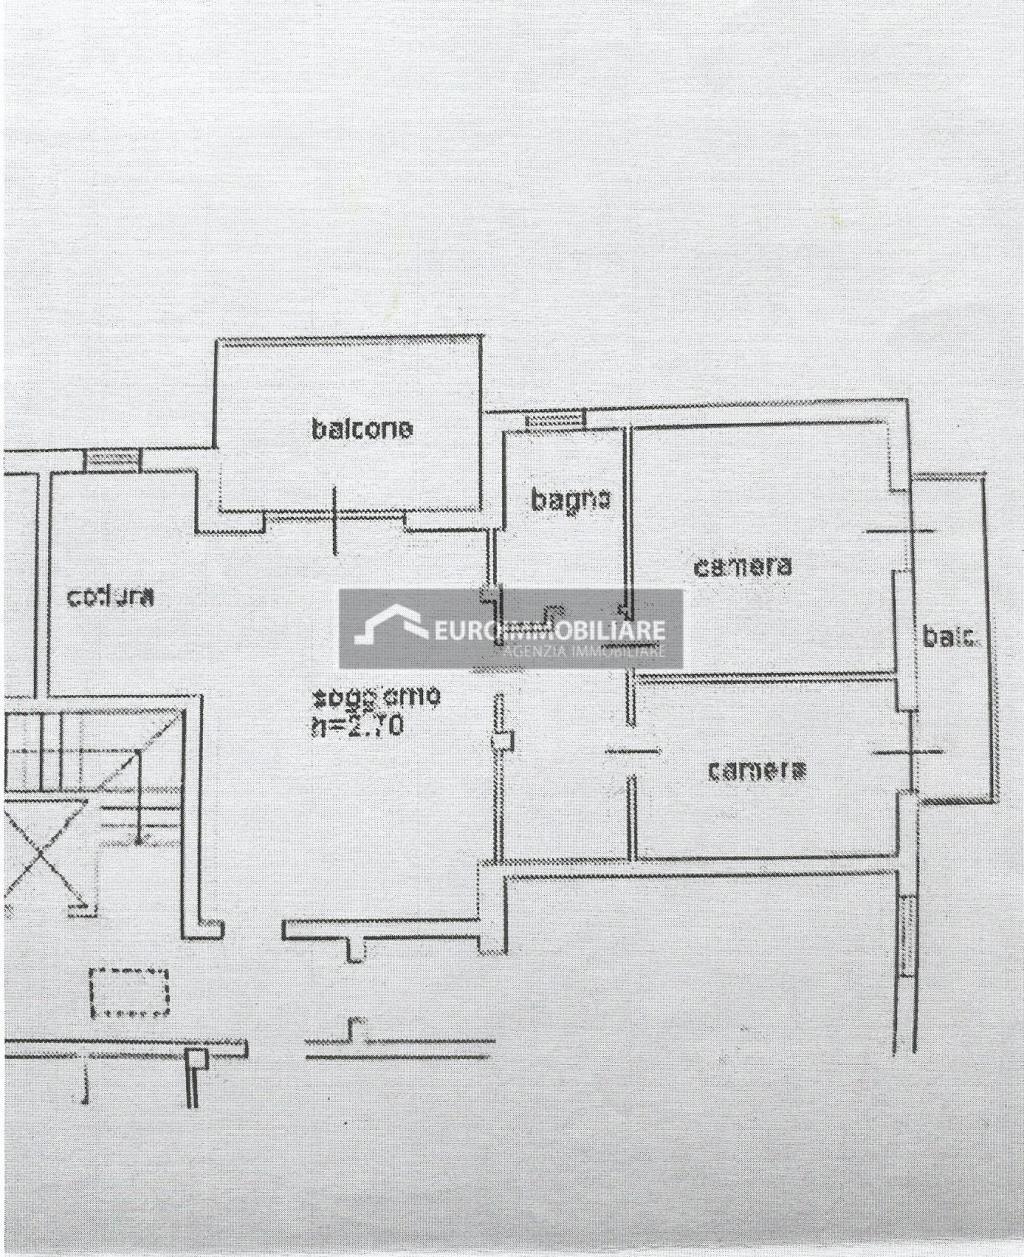 Appartamento in affitto a Desenzano del Garda, 3 locali, prezzo € 850 | CambioCasa.it